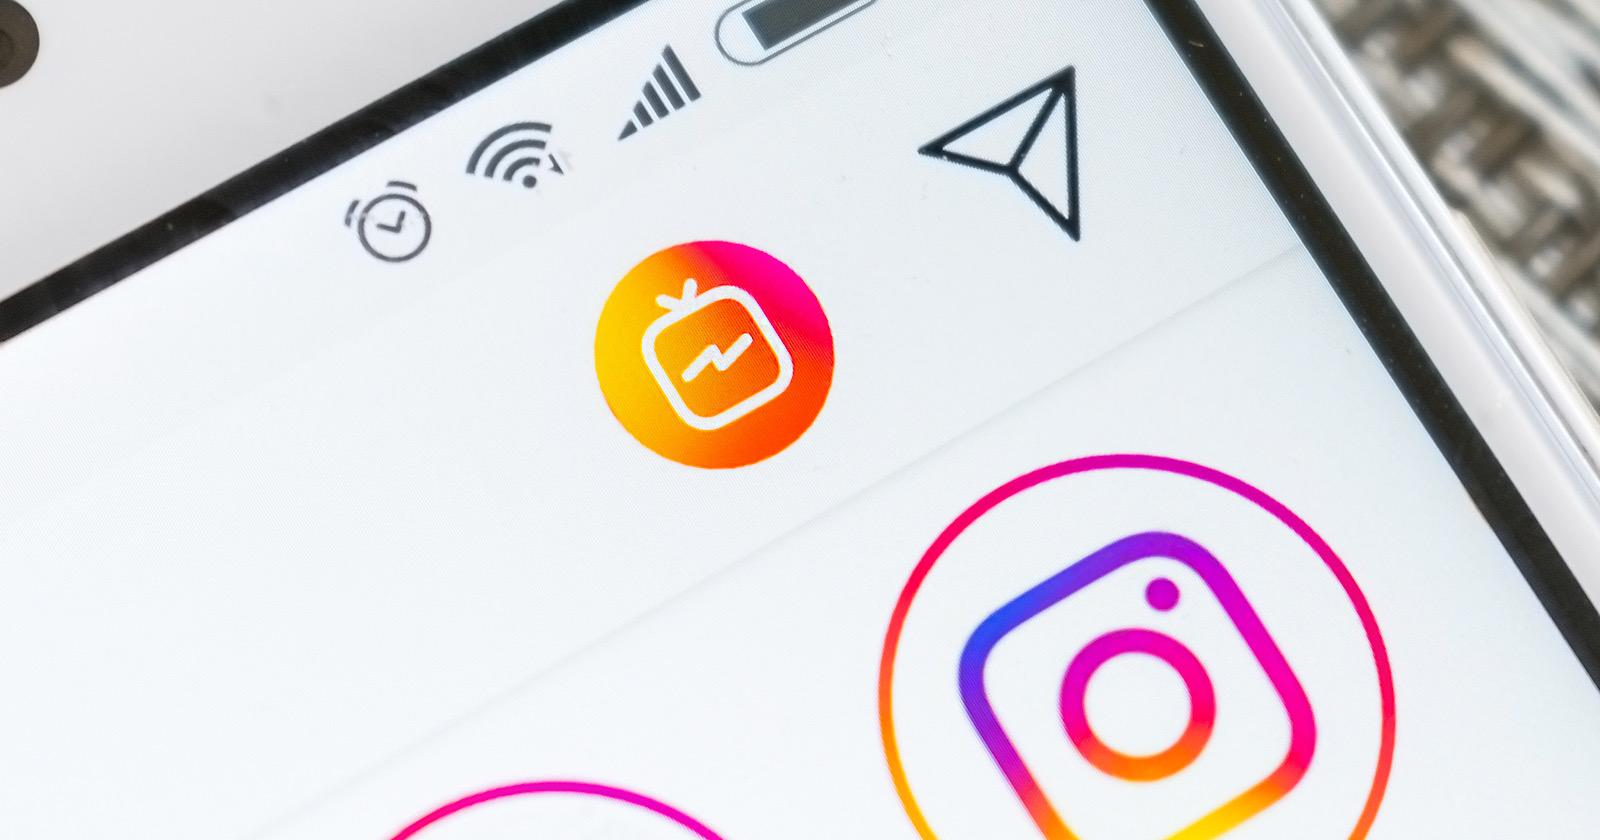 Vești bune pentru utilizatorii de Instagram: versiunea de desktop a aplicației va conține și secțiunea de mesaje